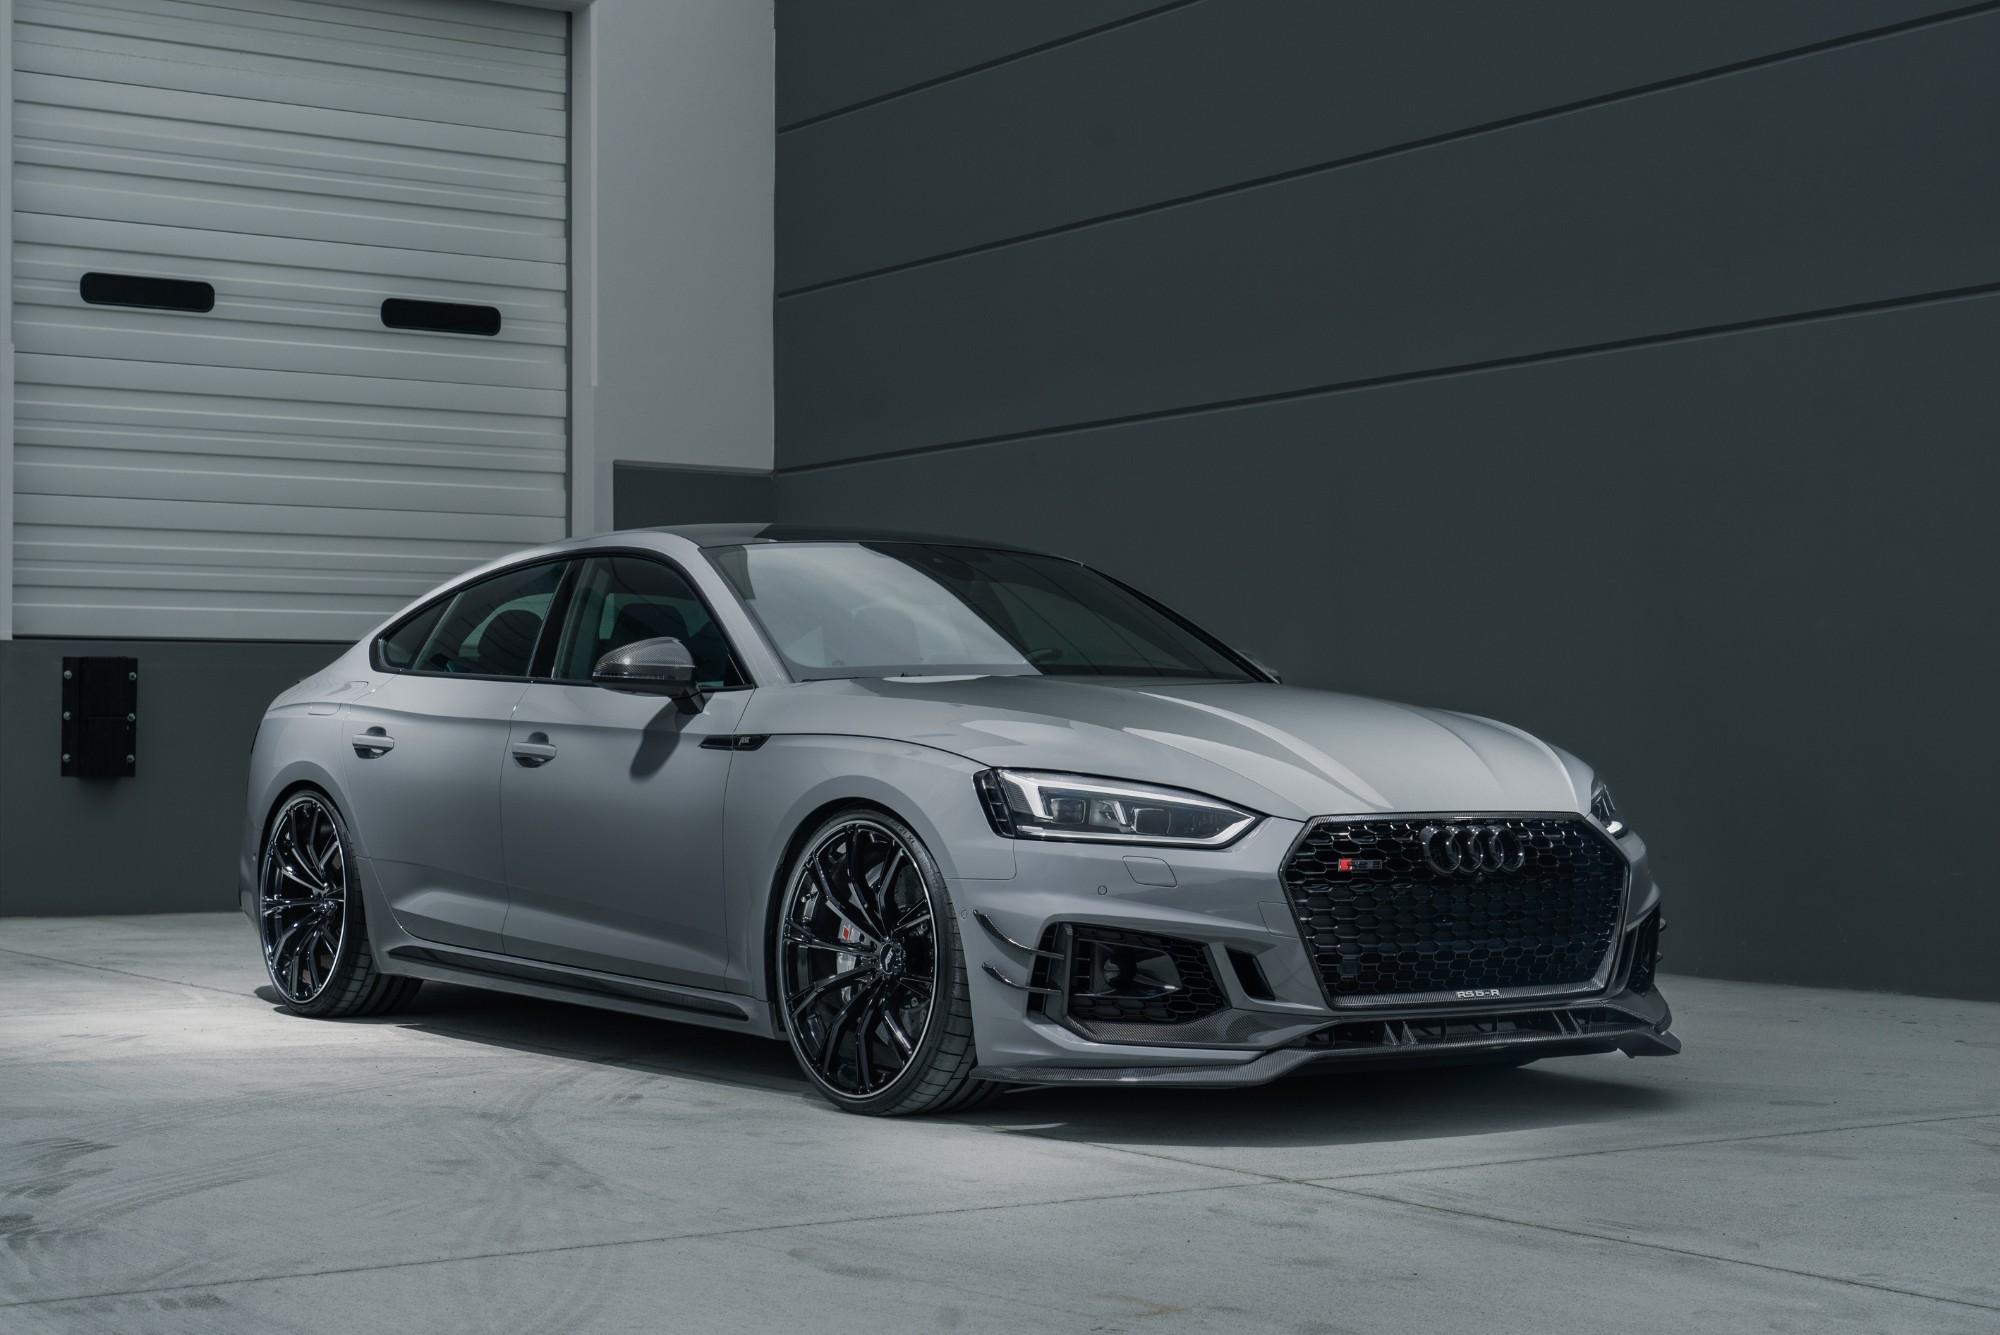 Kelebihan Audi Rs5R Review